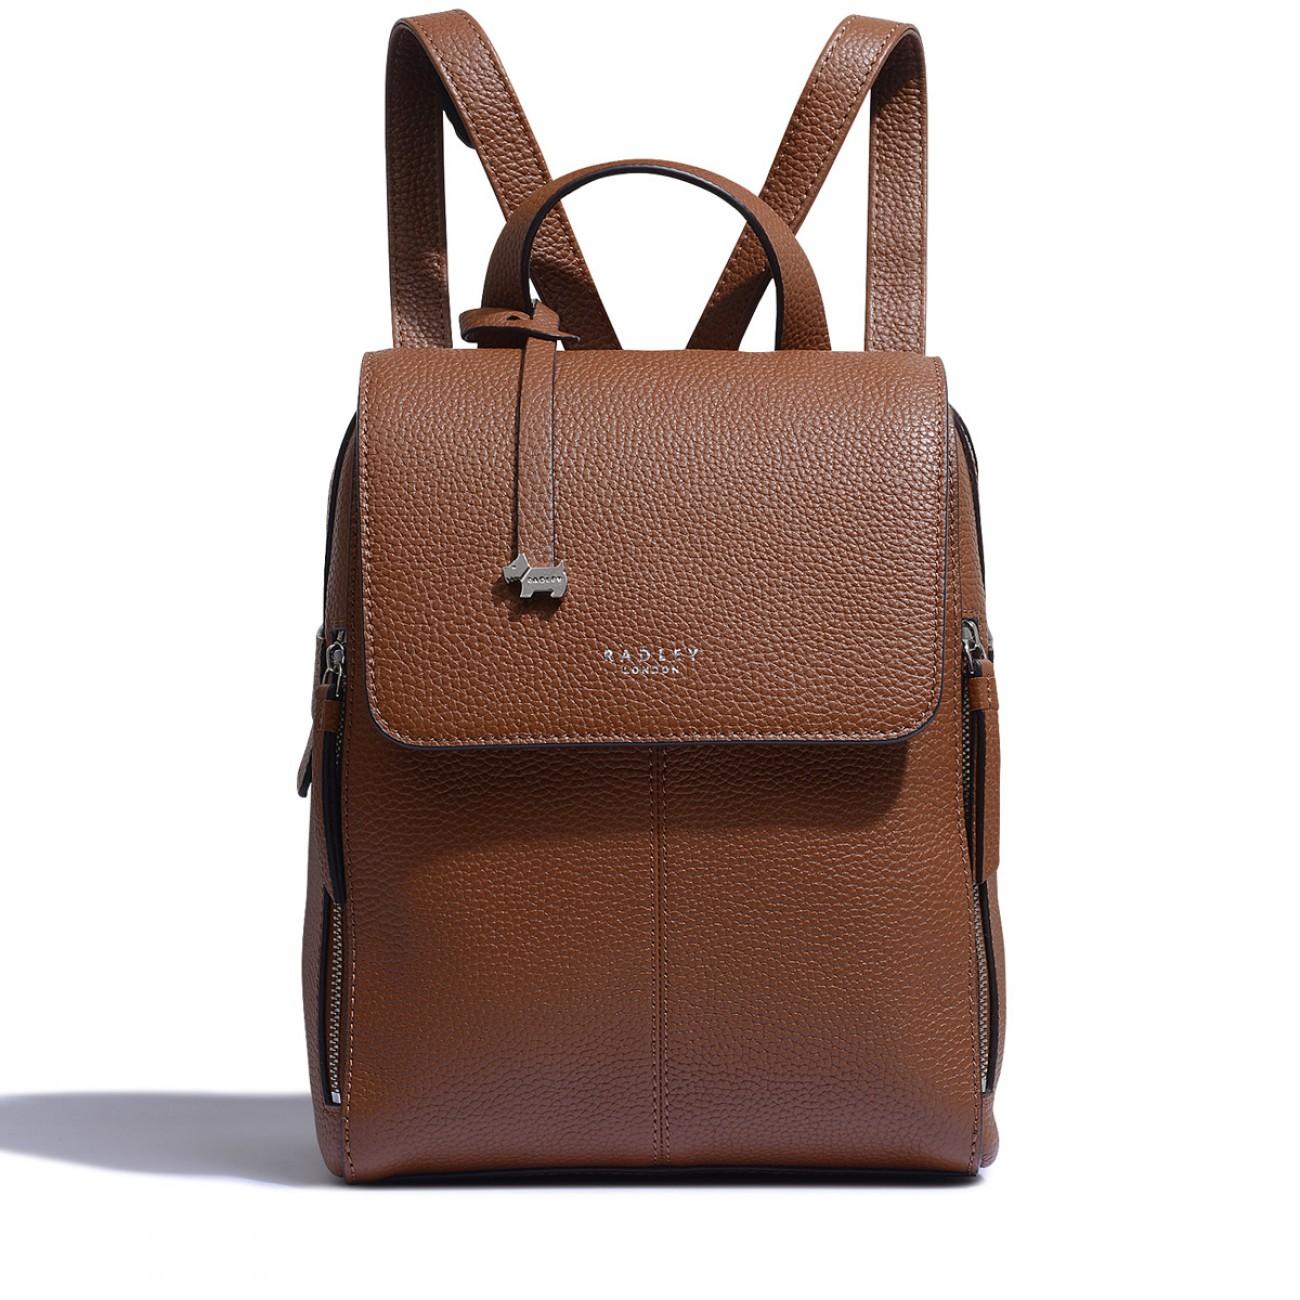 Lorne Close Medium Flapover Backpack